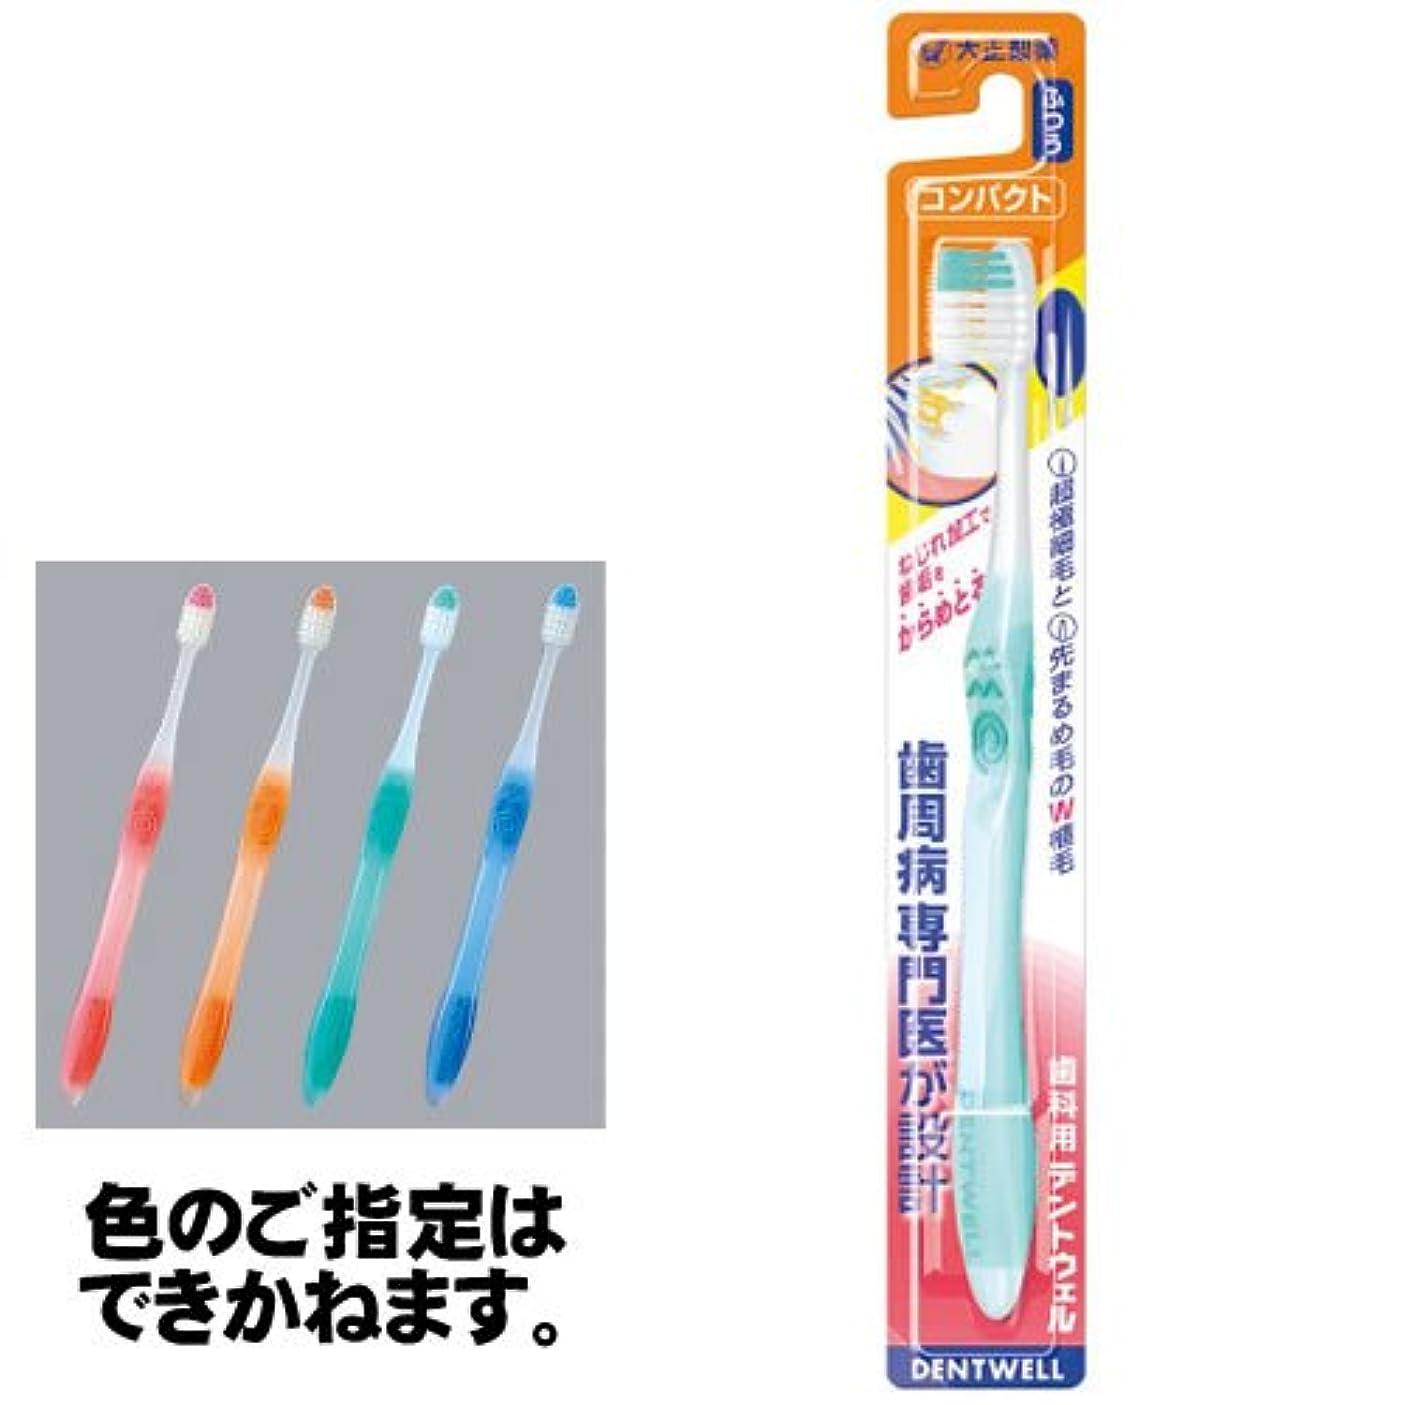 補助金閉塞絶対の〔大正製薬〕歯科用デントウェル歯ブラシ コンパクト ふつう×12本セット